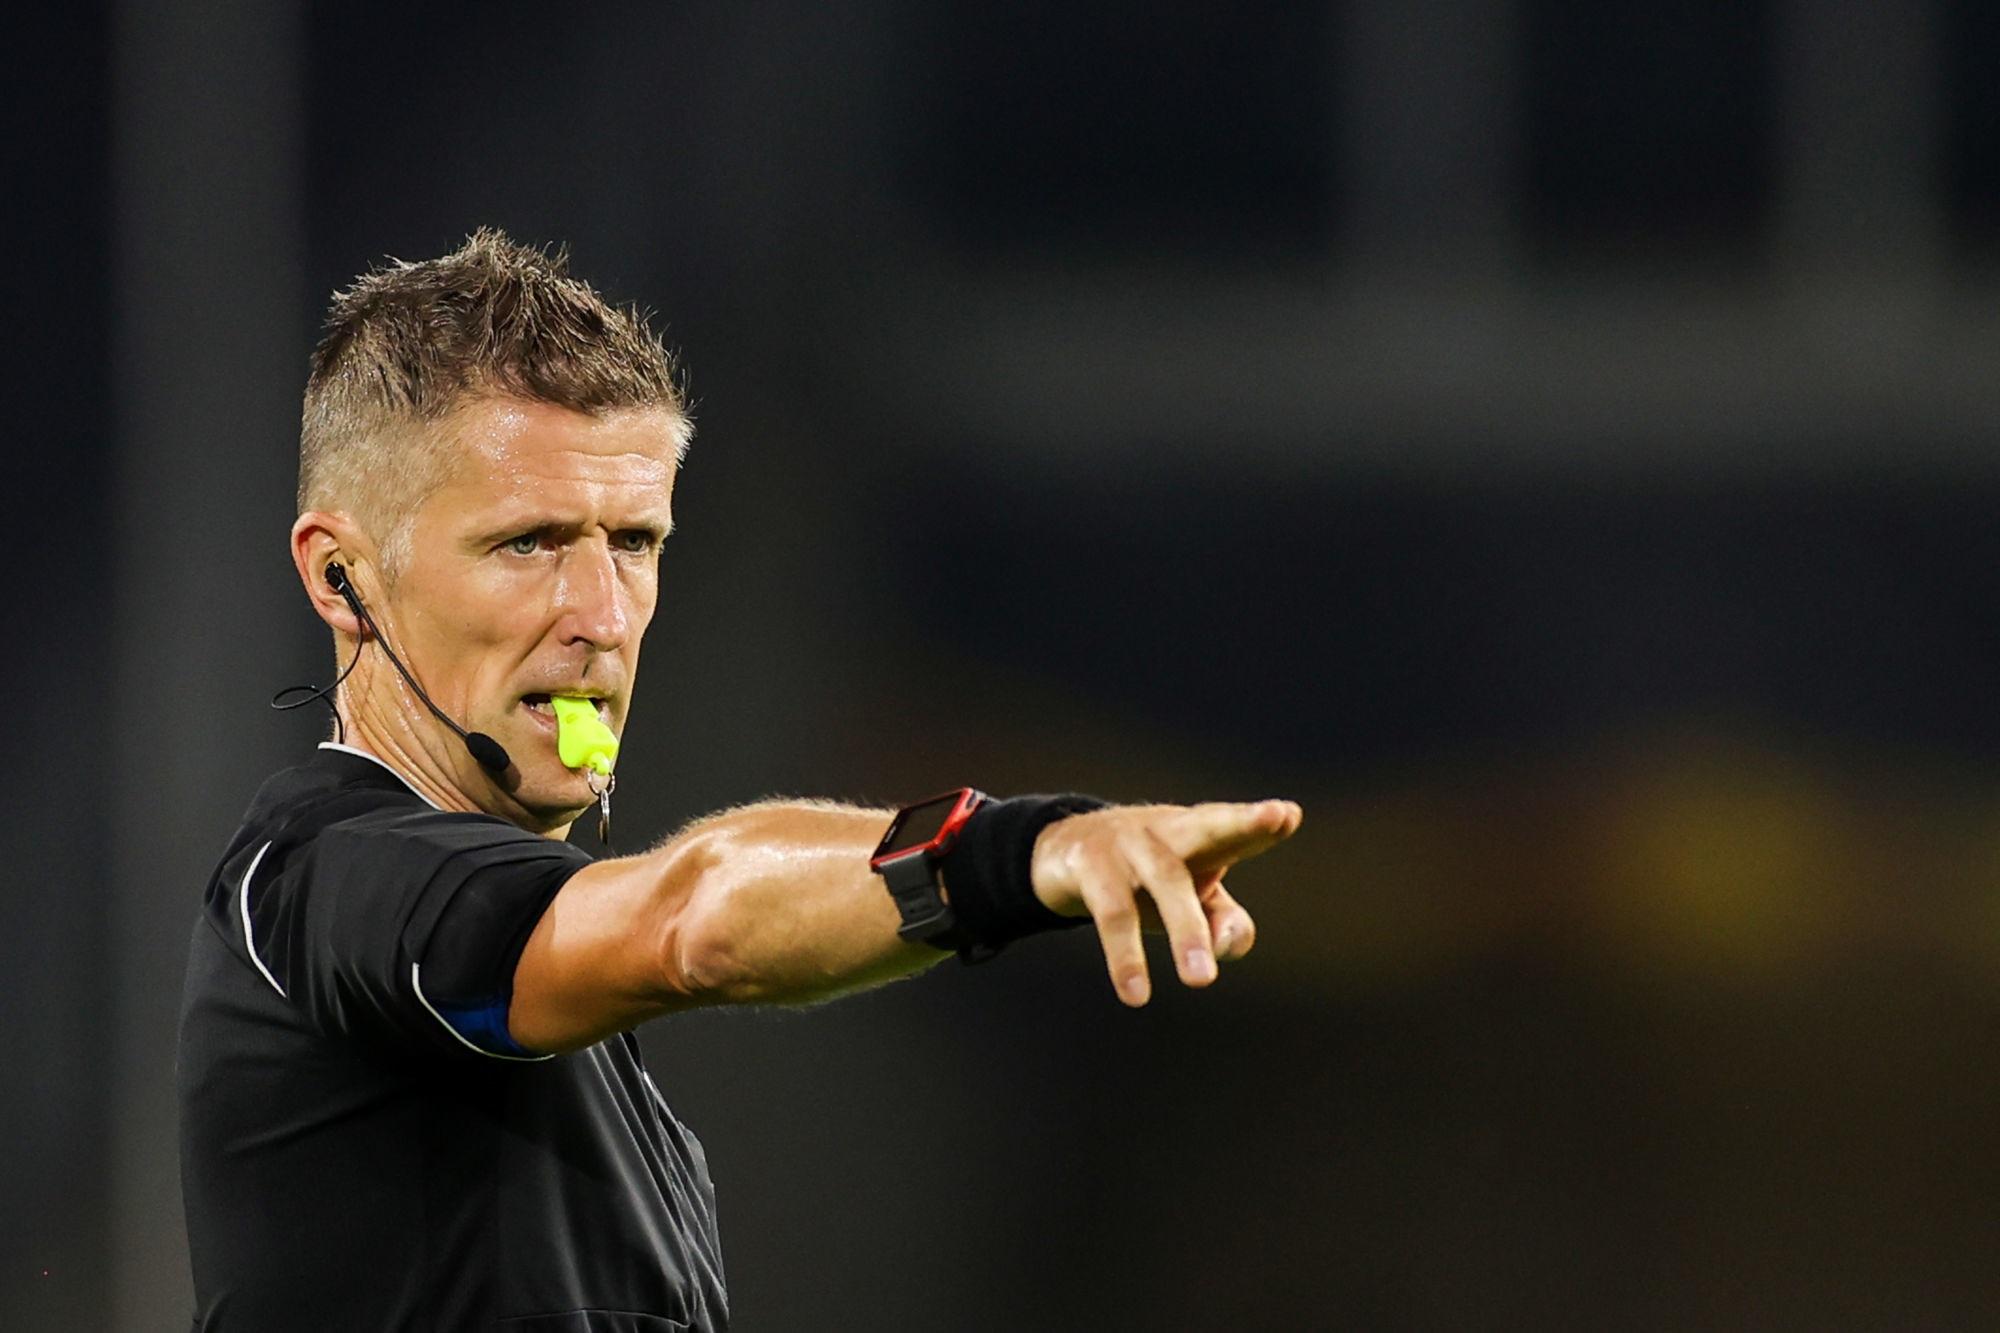 PSG/Bayern - L'arbitre de la rencontre a désigné, une pluie de cartons jaunes est possible